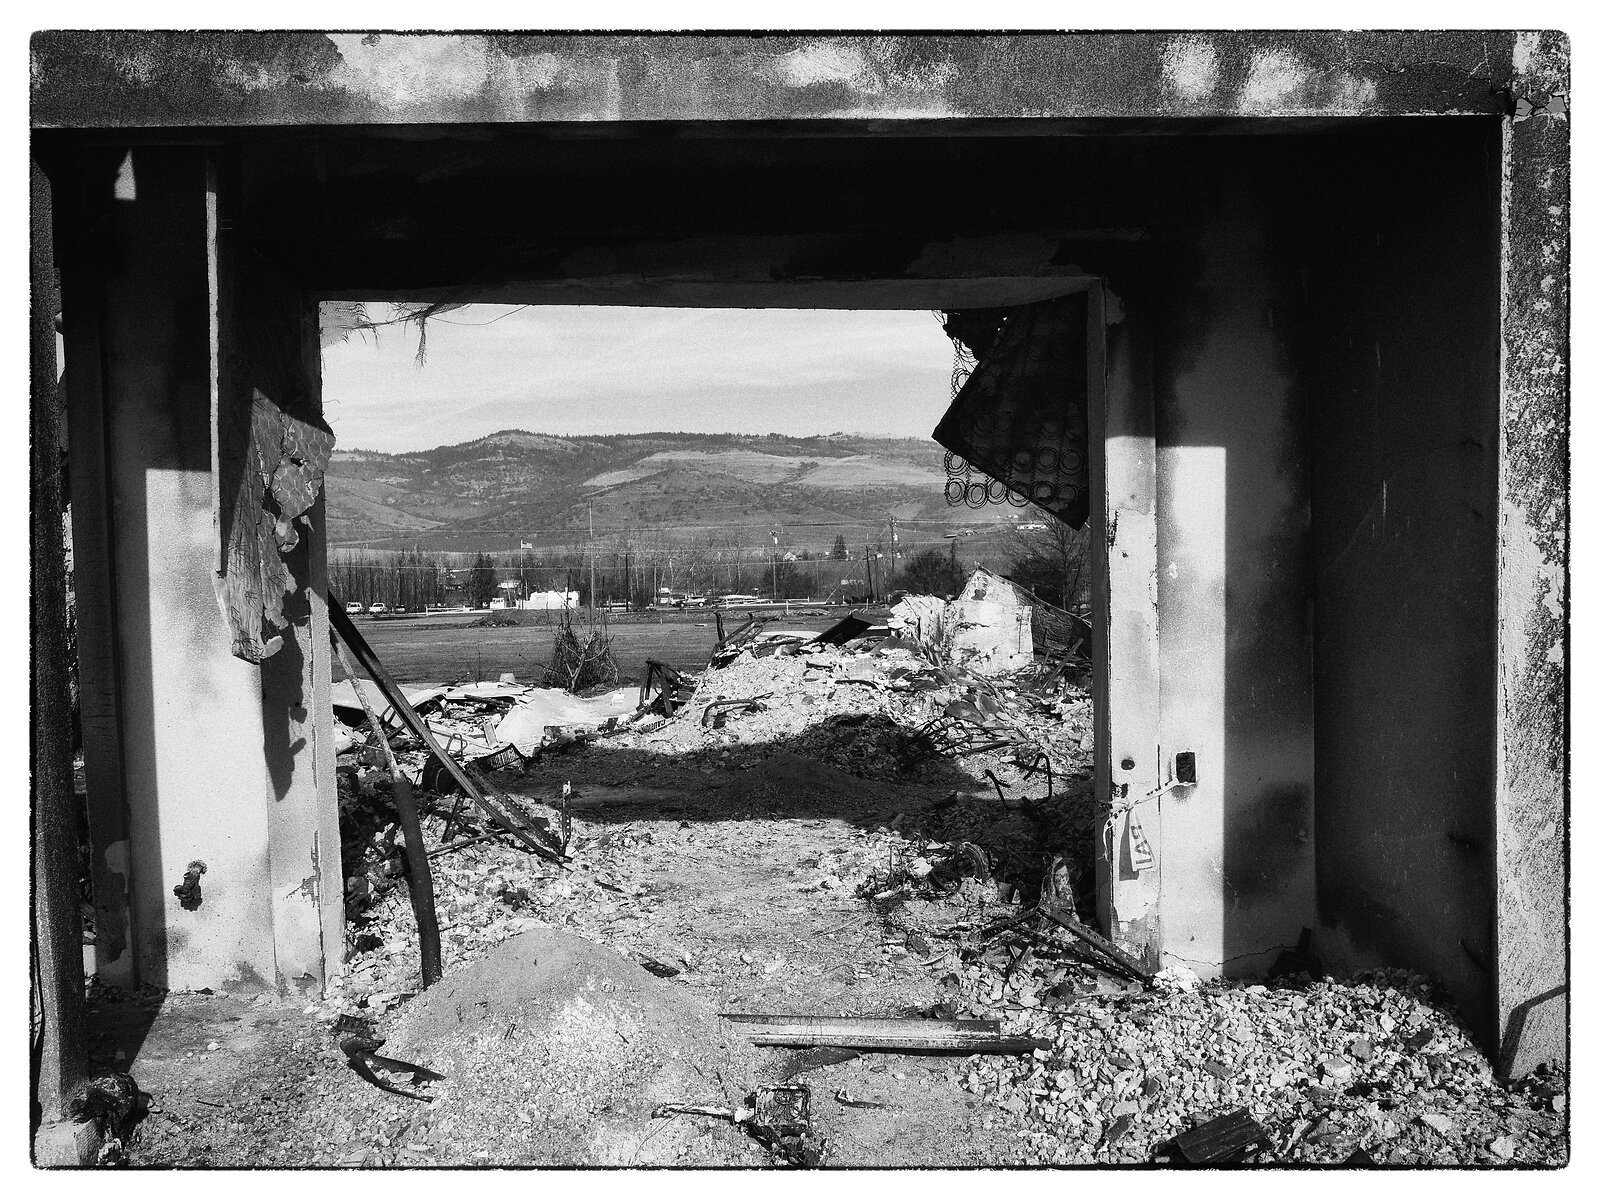 GX9_Feb10_21_burned_doorway.jpg